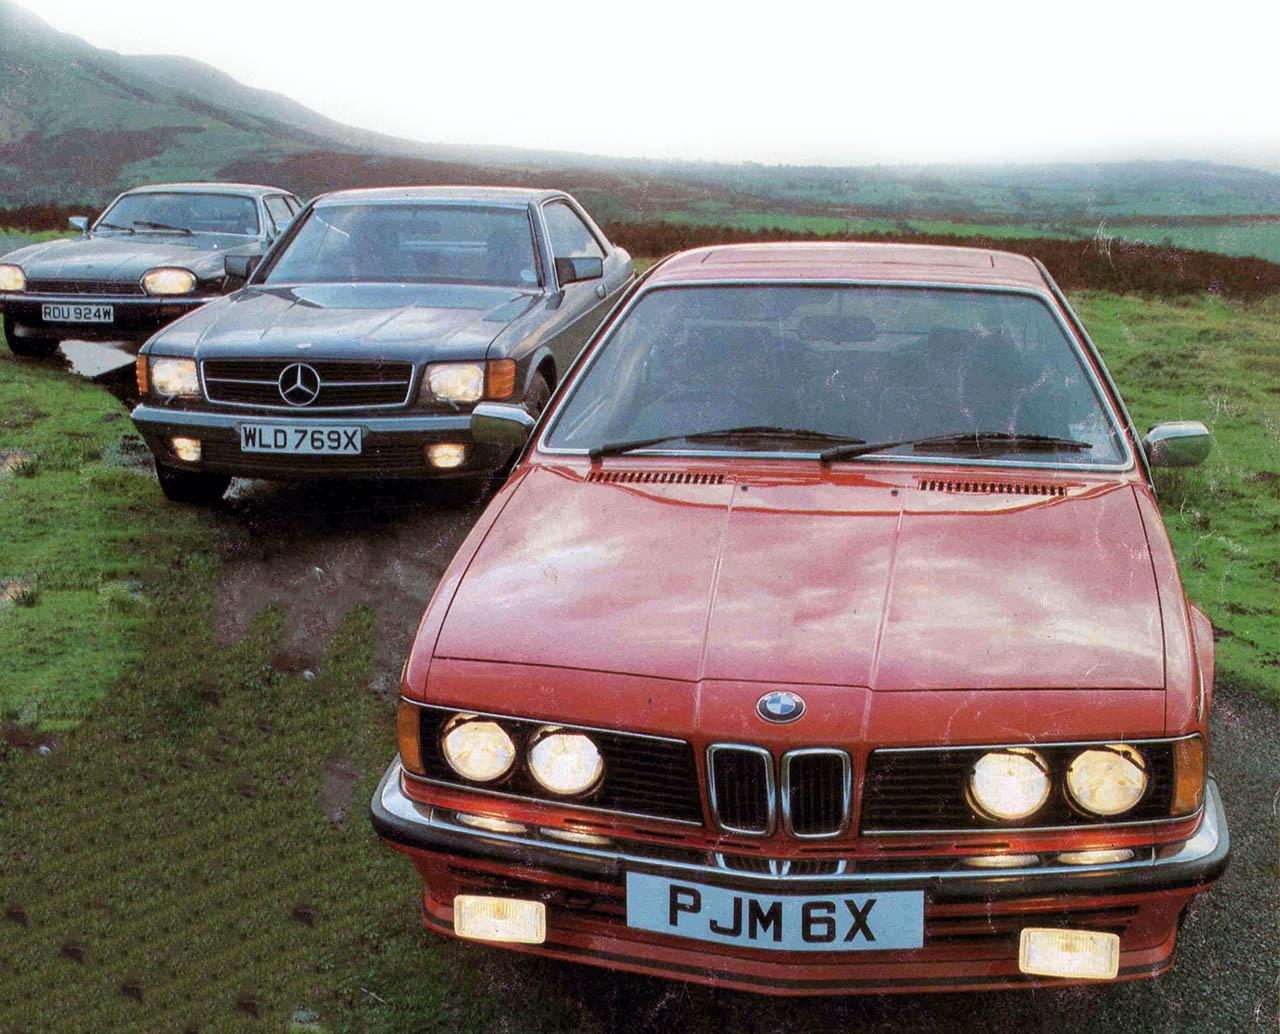 hight resolution of 1983 bmw 635csi e24 vs jaguar xjs he and mercedes benz 500sec c126